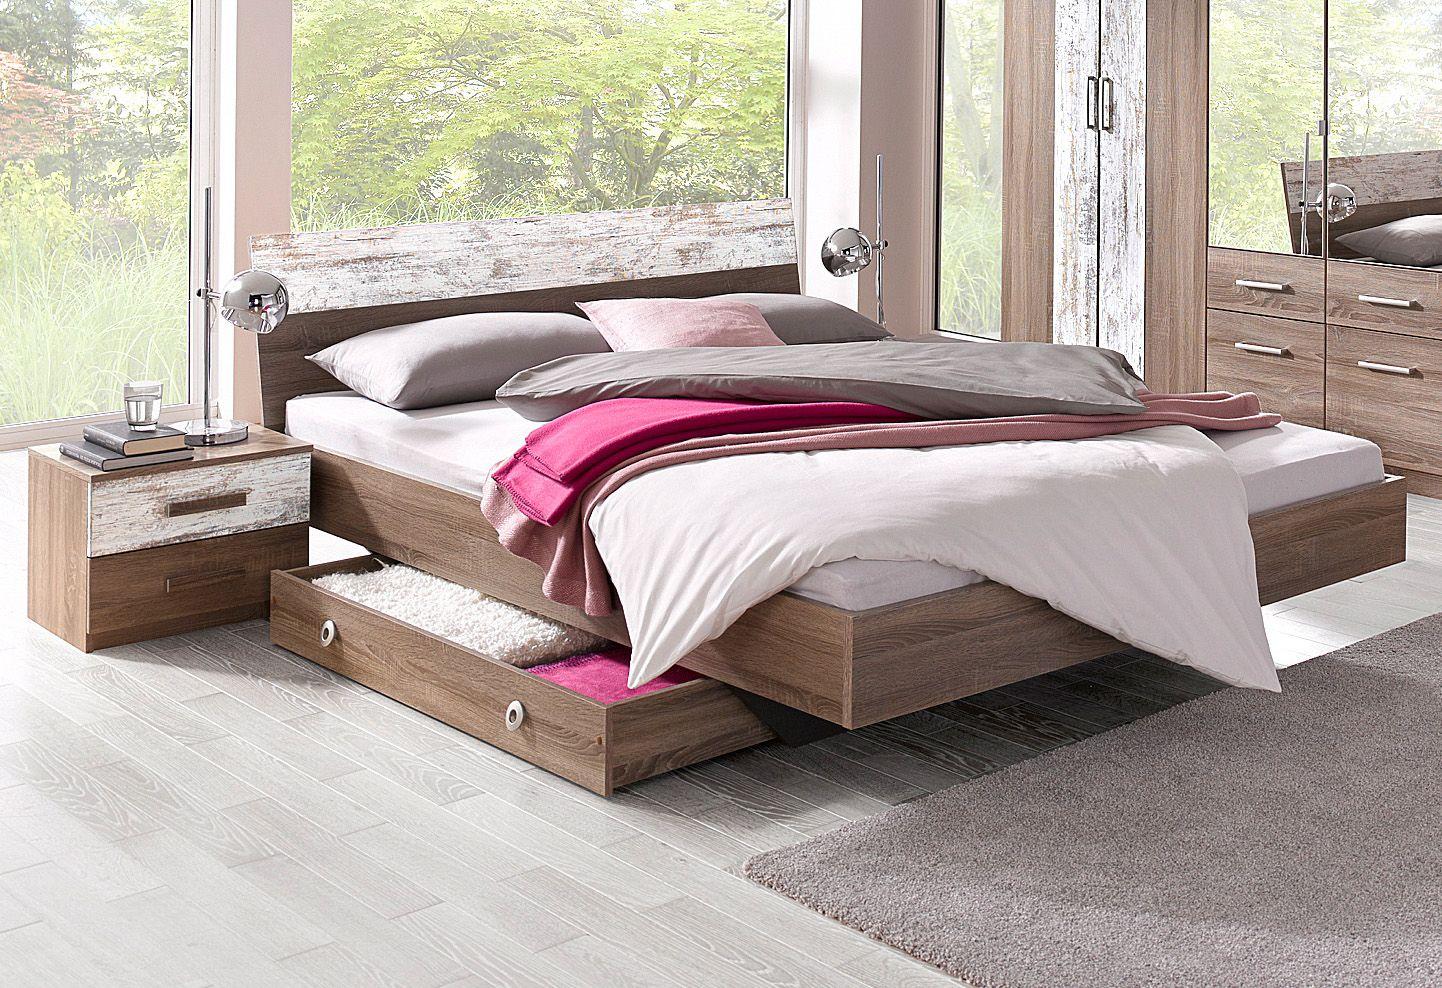 schlafzimmer set g nstig online kaufen beim schwab versand. Black Bedroom Furniture Sets. Home Design Ideas